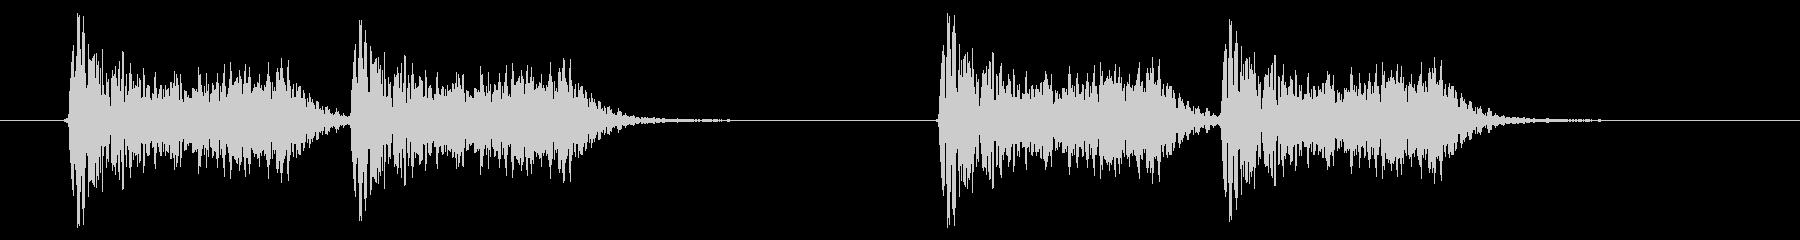 緊急アラート02-3(遠い)の未再生の波形